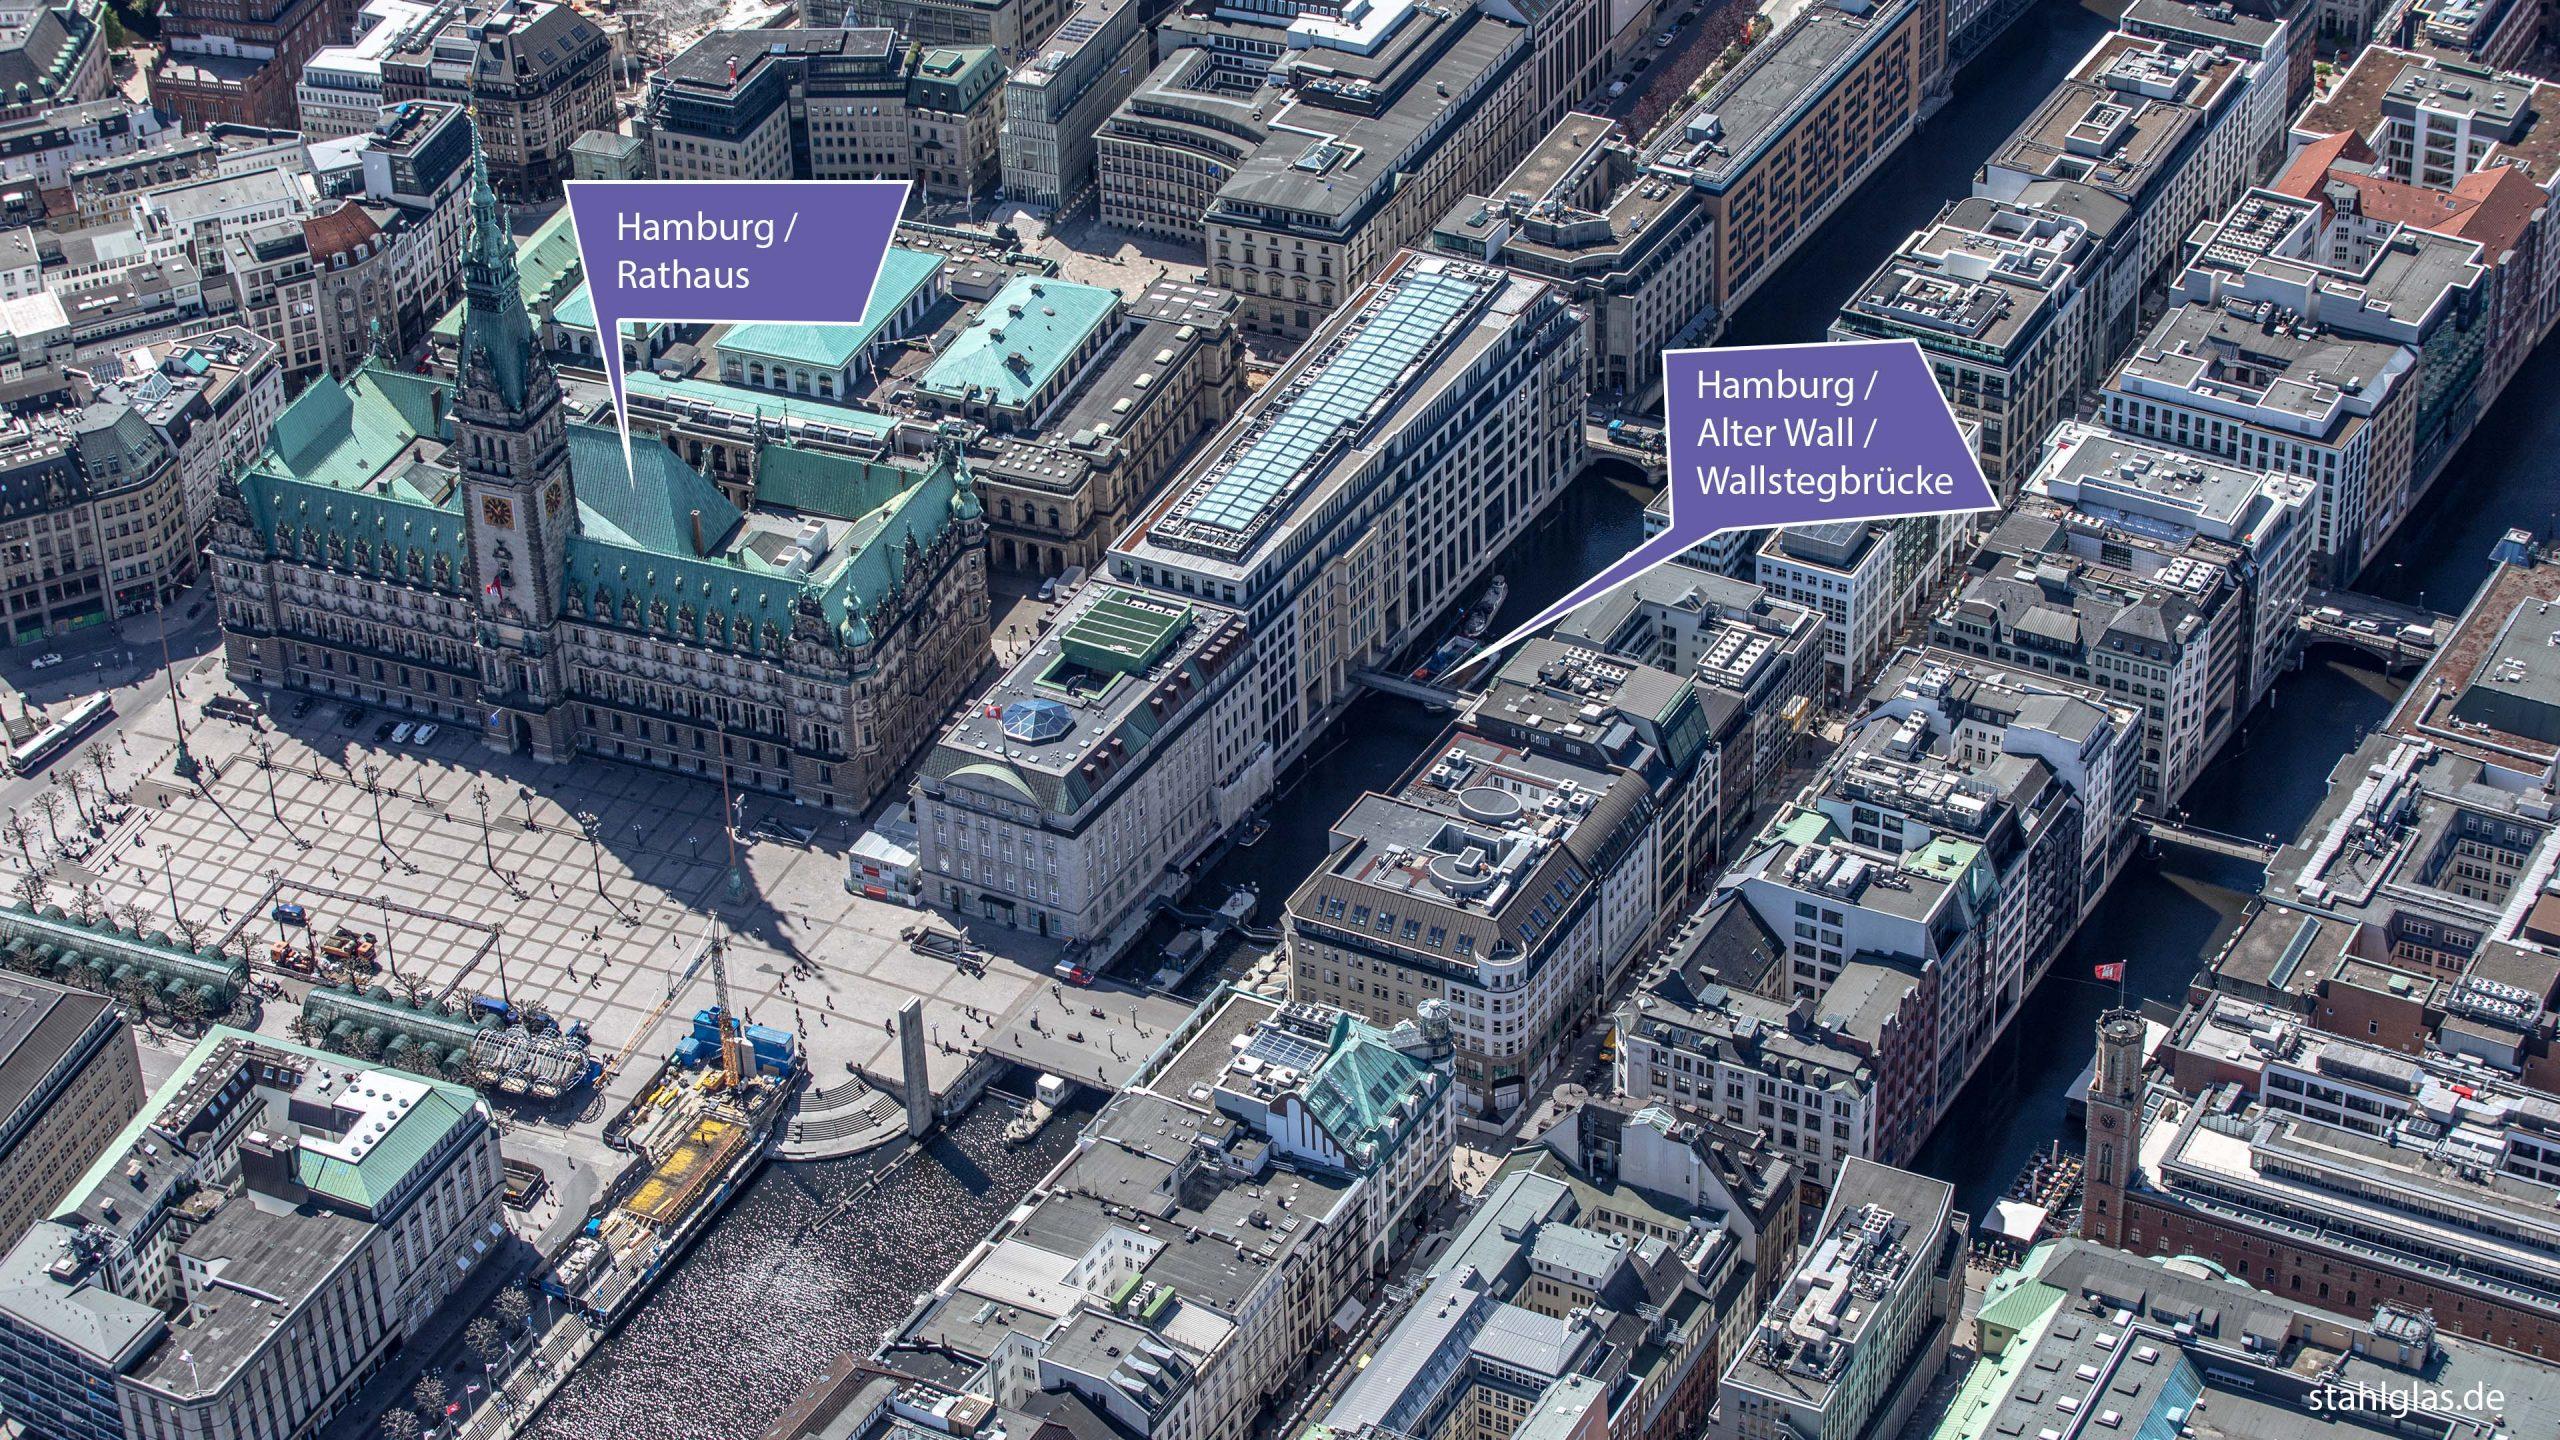 Luftaufnahme mit Informationen zur Fußgängerbrücke Wallstegbrücke in Hamburg